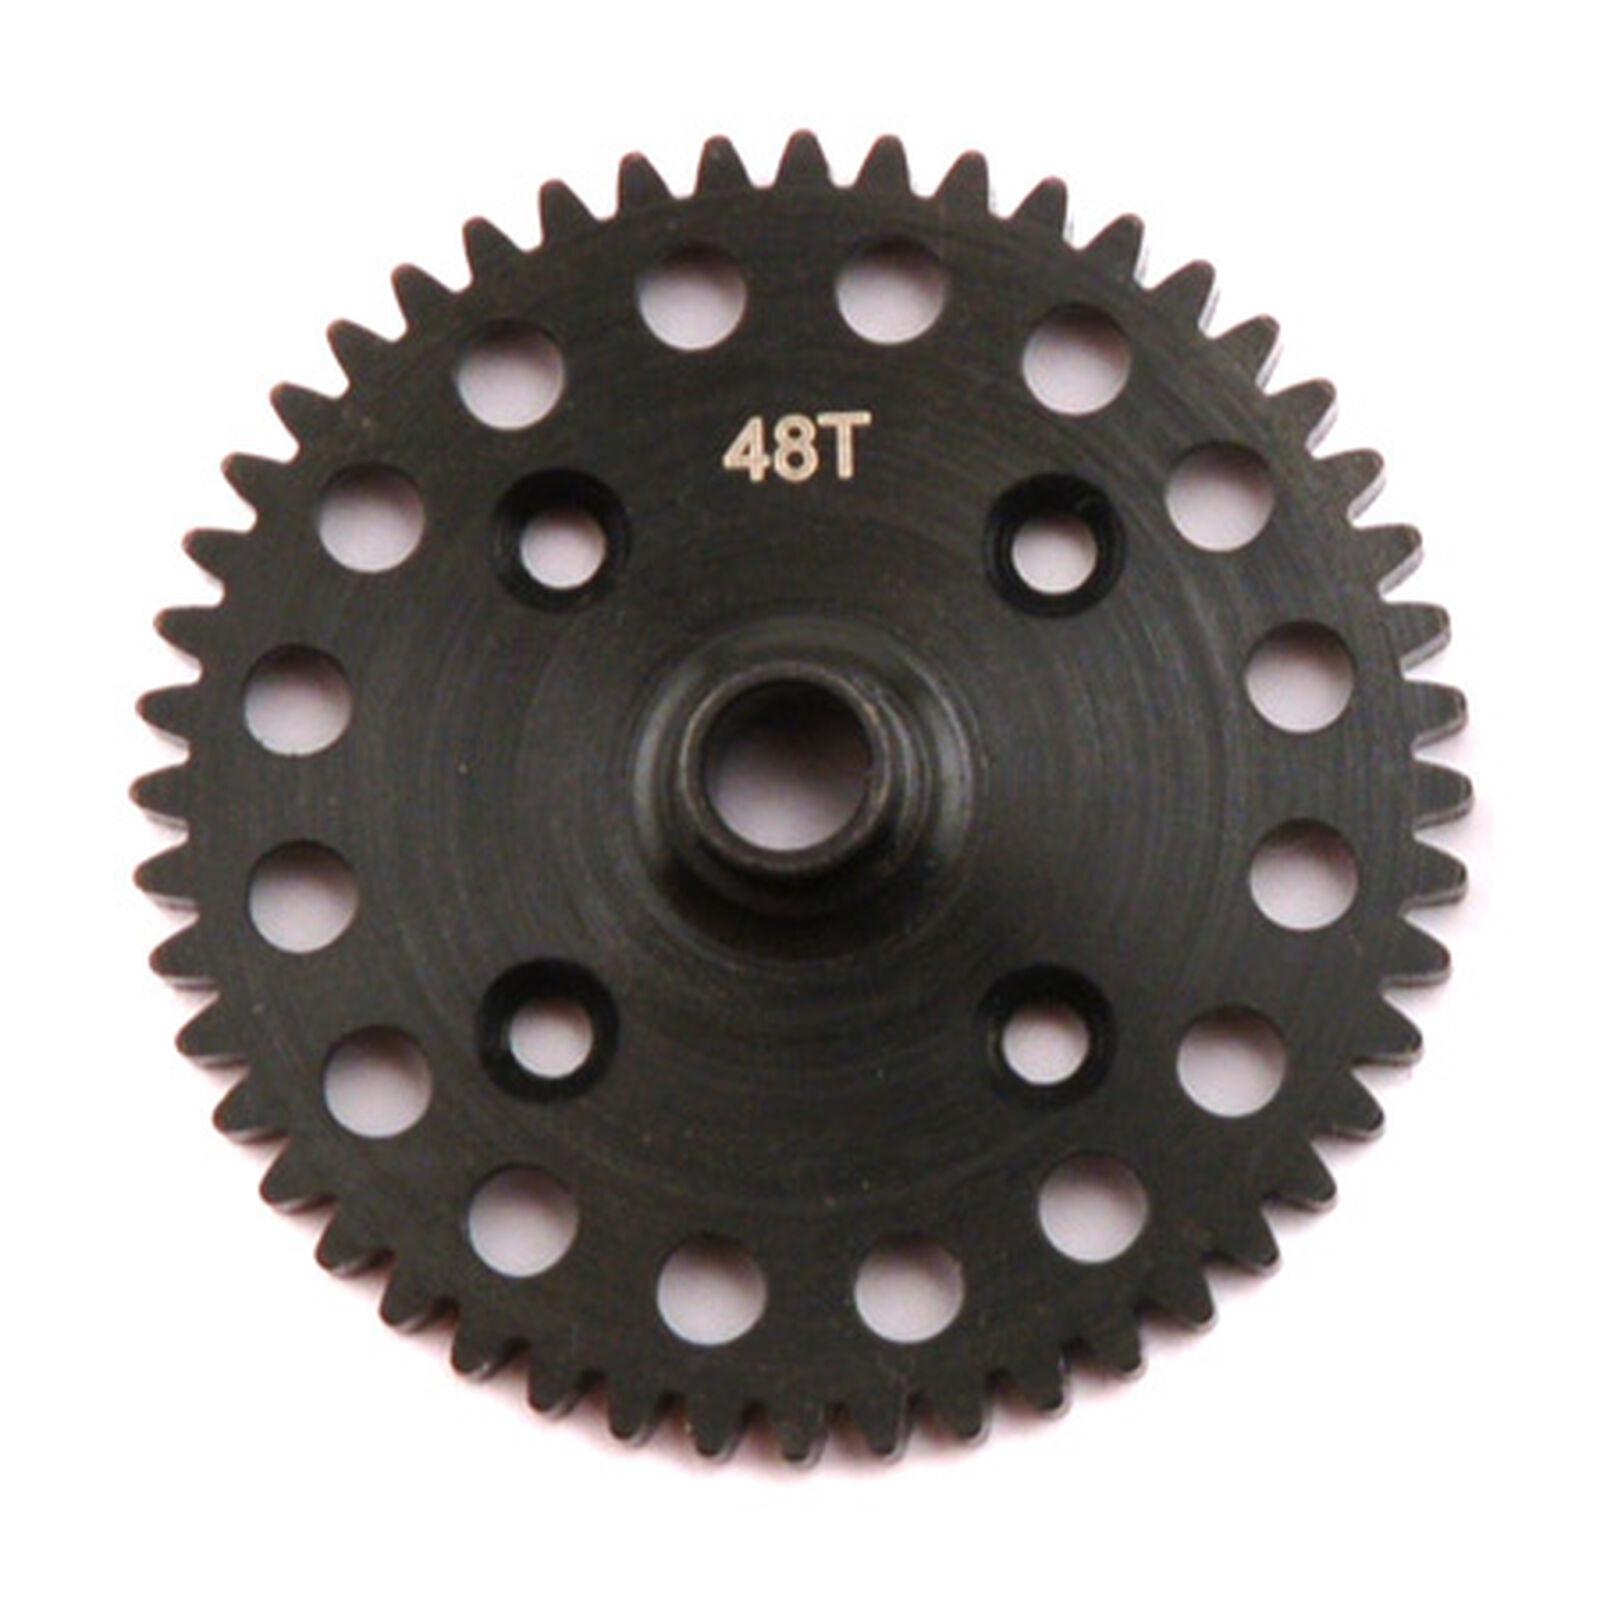 Center Diff 48T Spur Gear, Lightweight: 8B, 8T, 8X